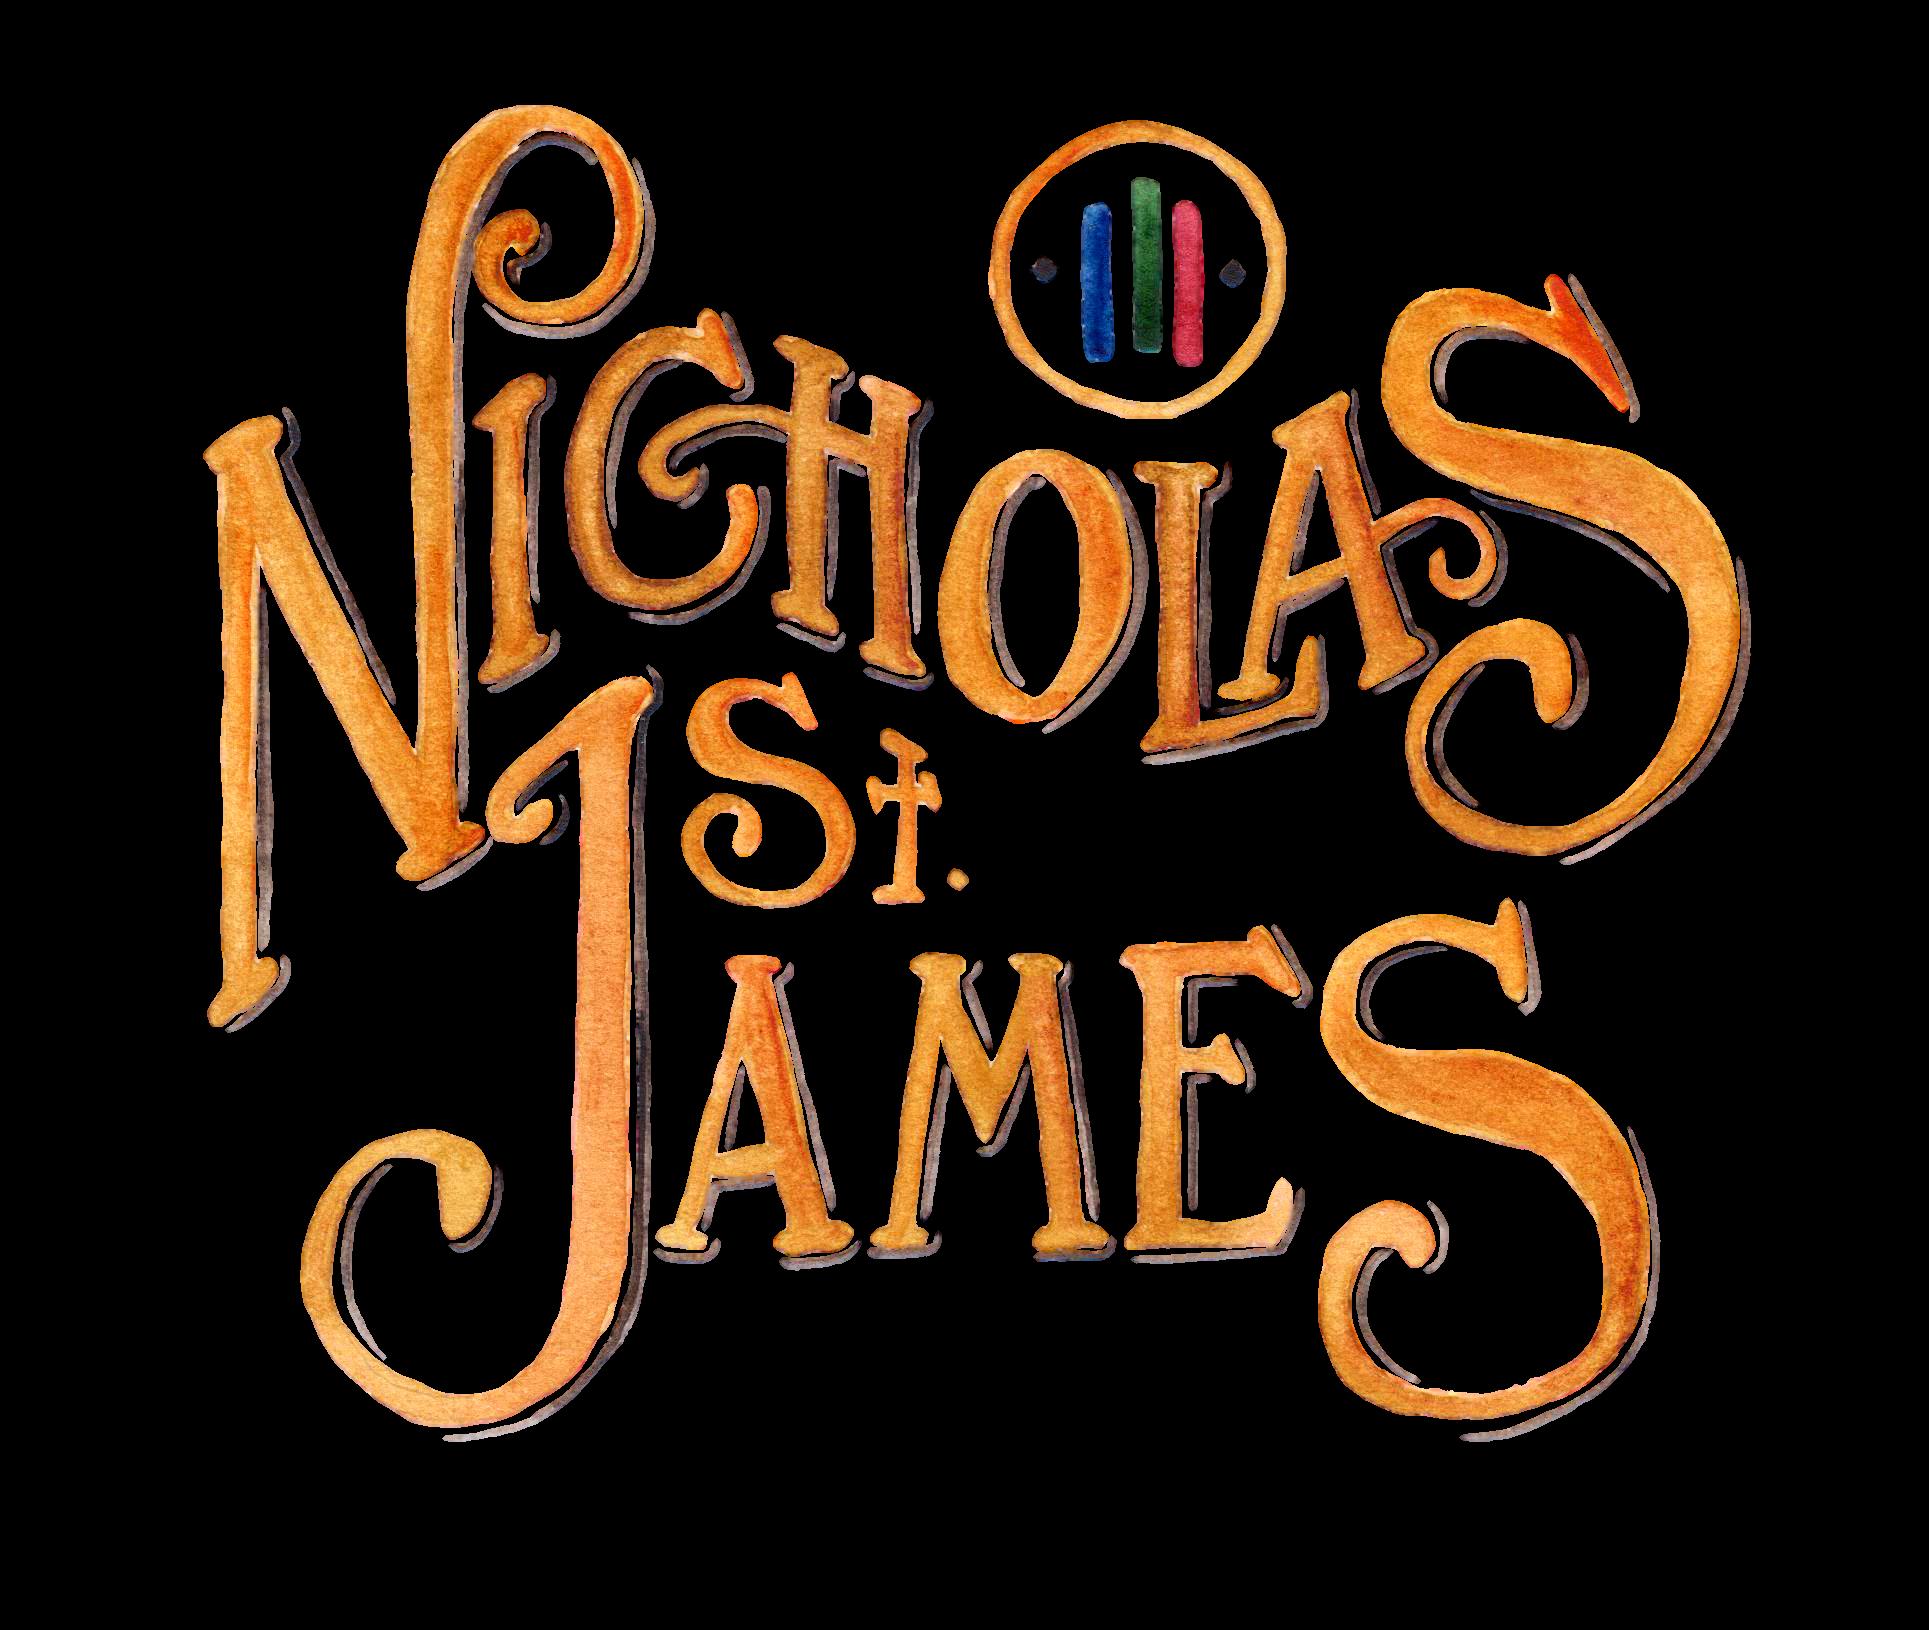 Nicholas St. James